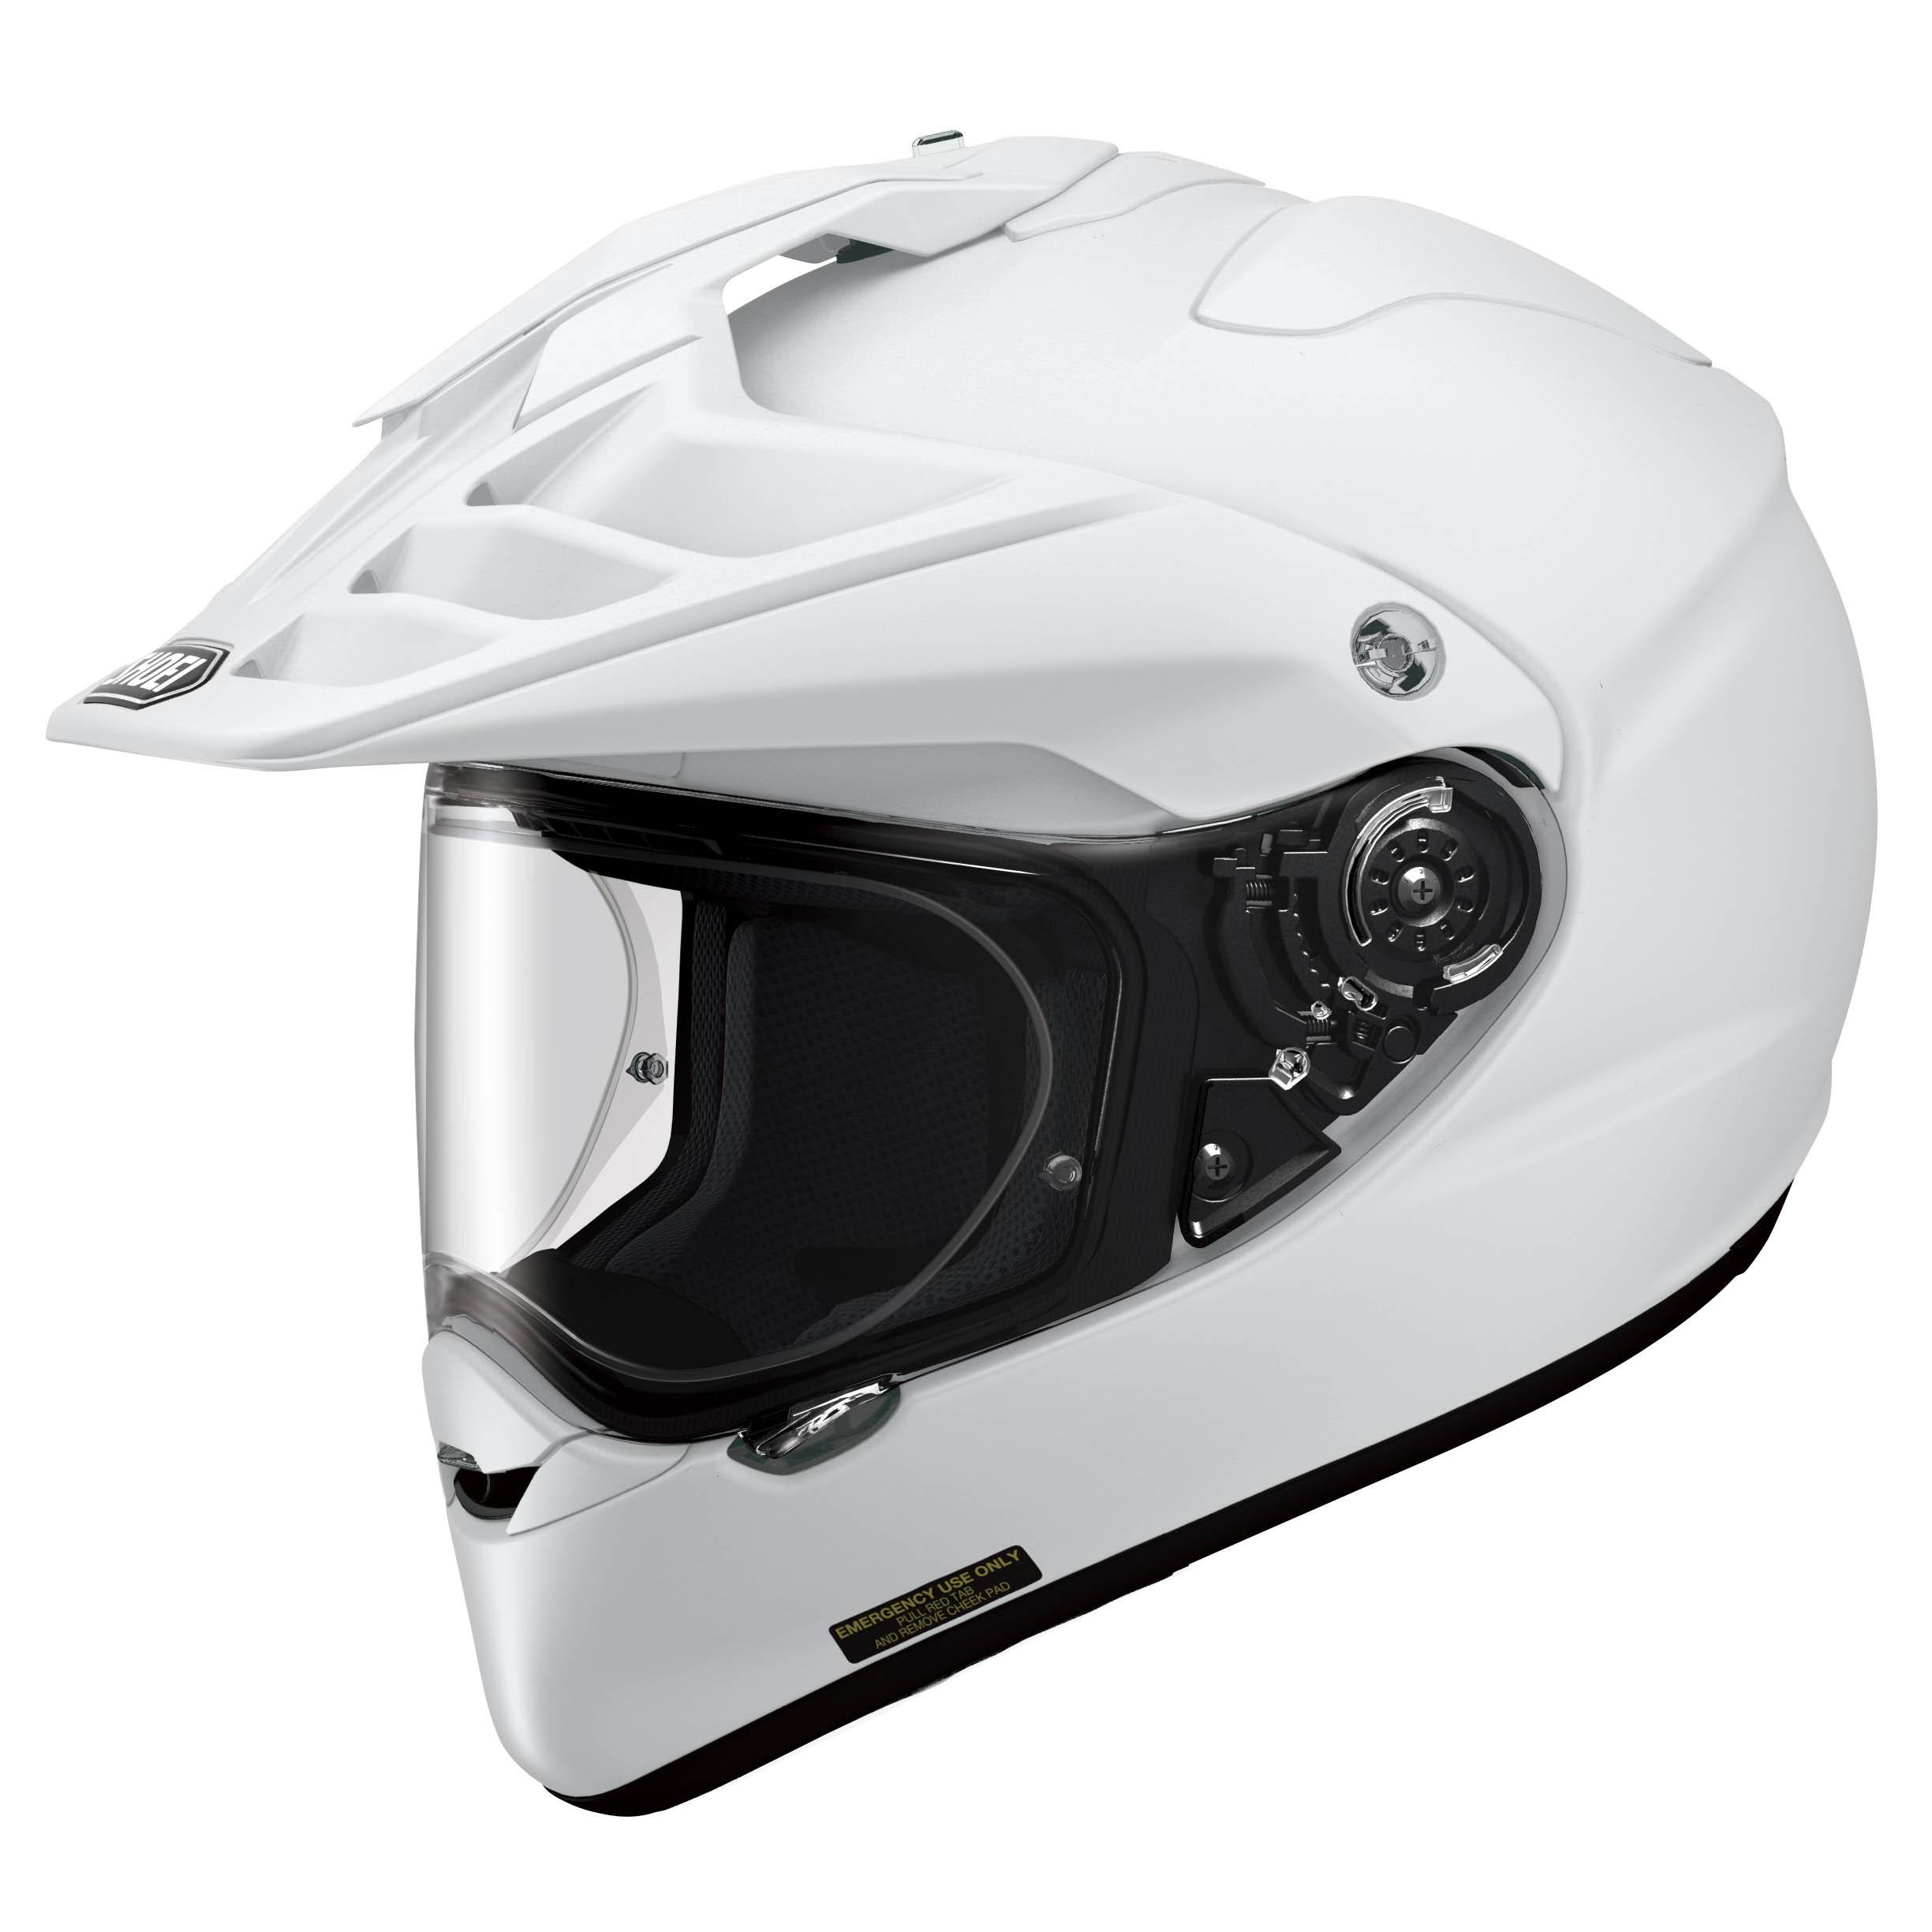 Shoei Hornet ADV White Helmet